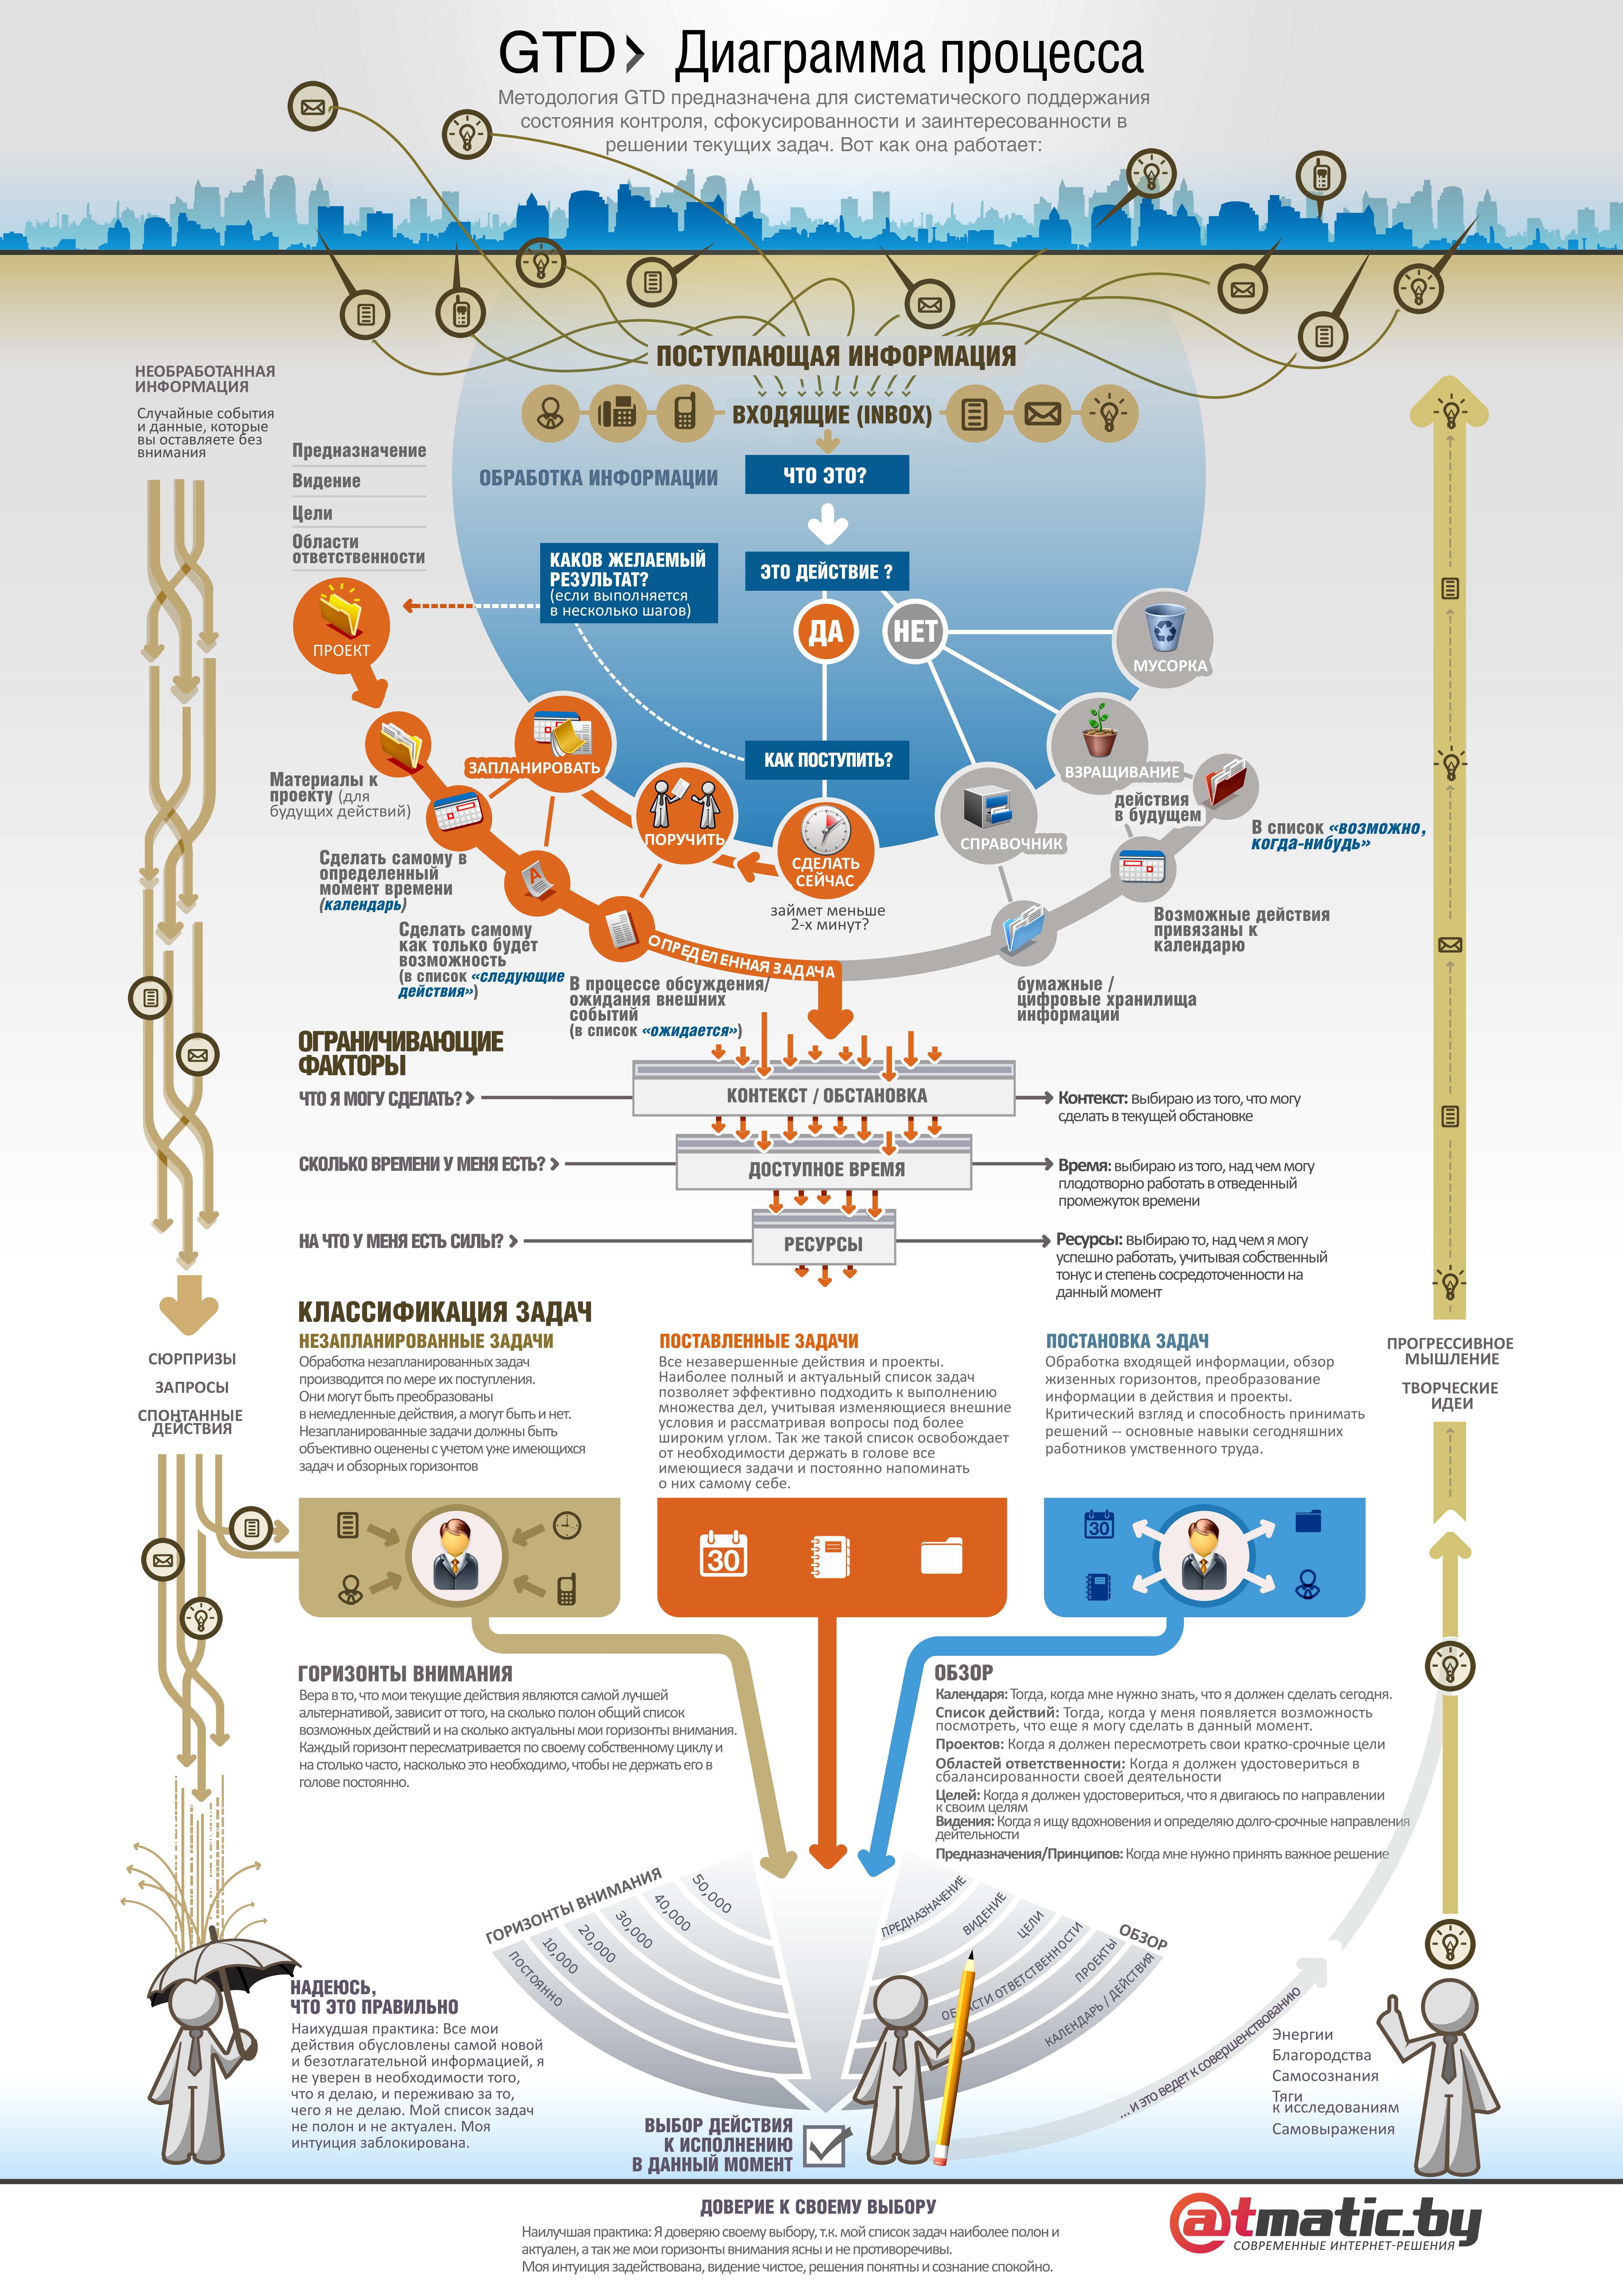 Gtd Workflow Map